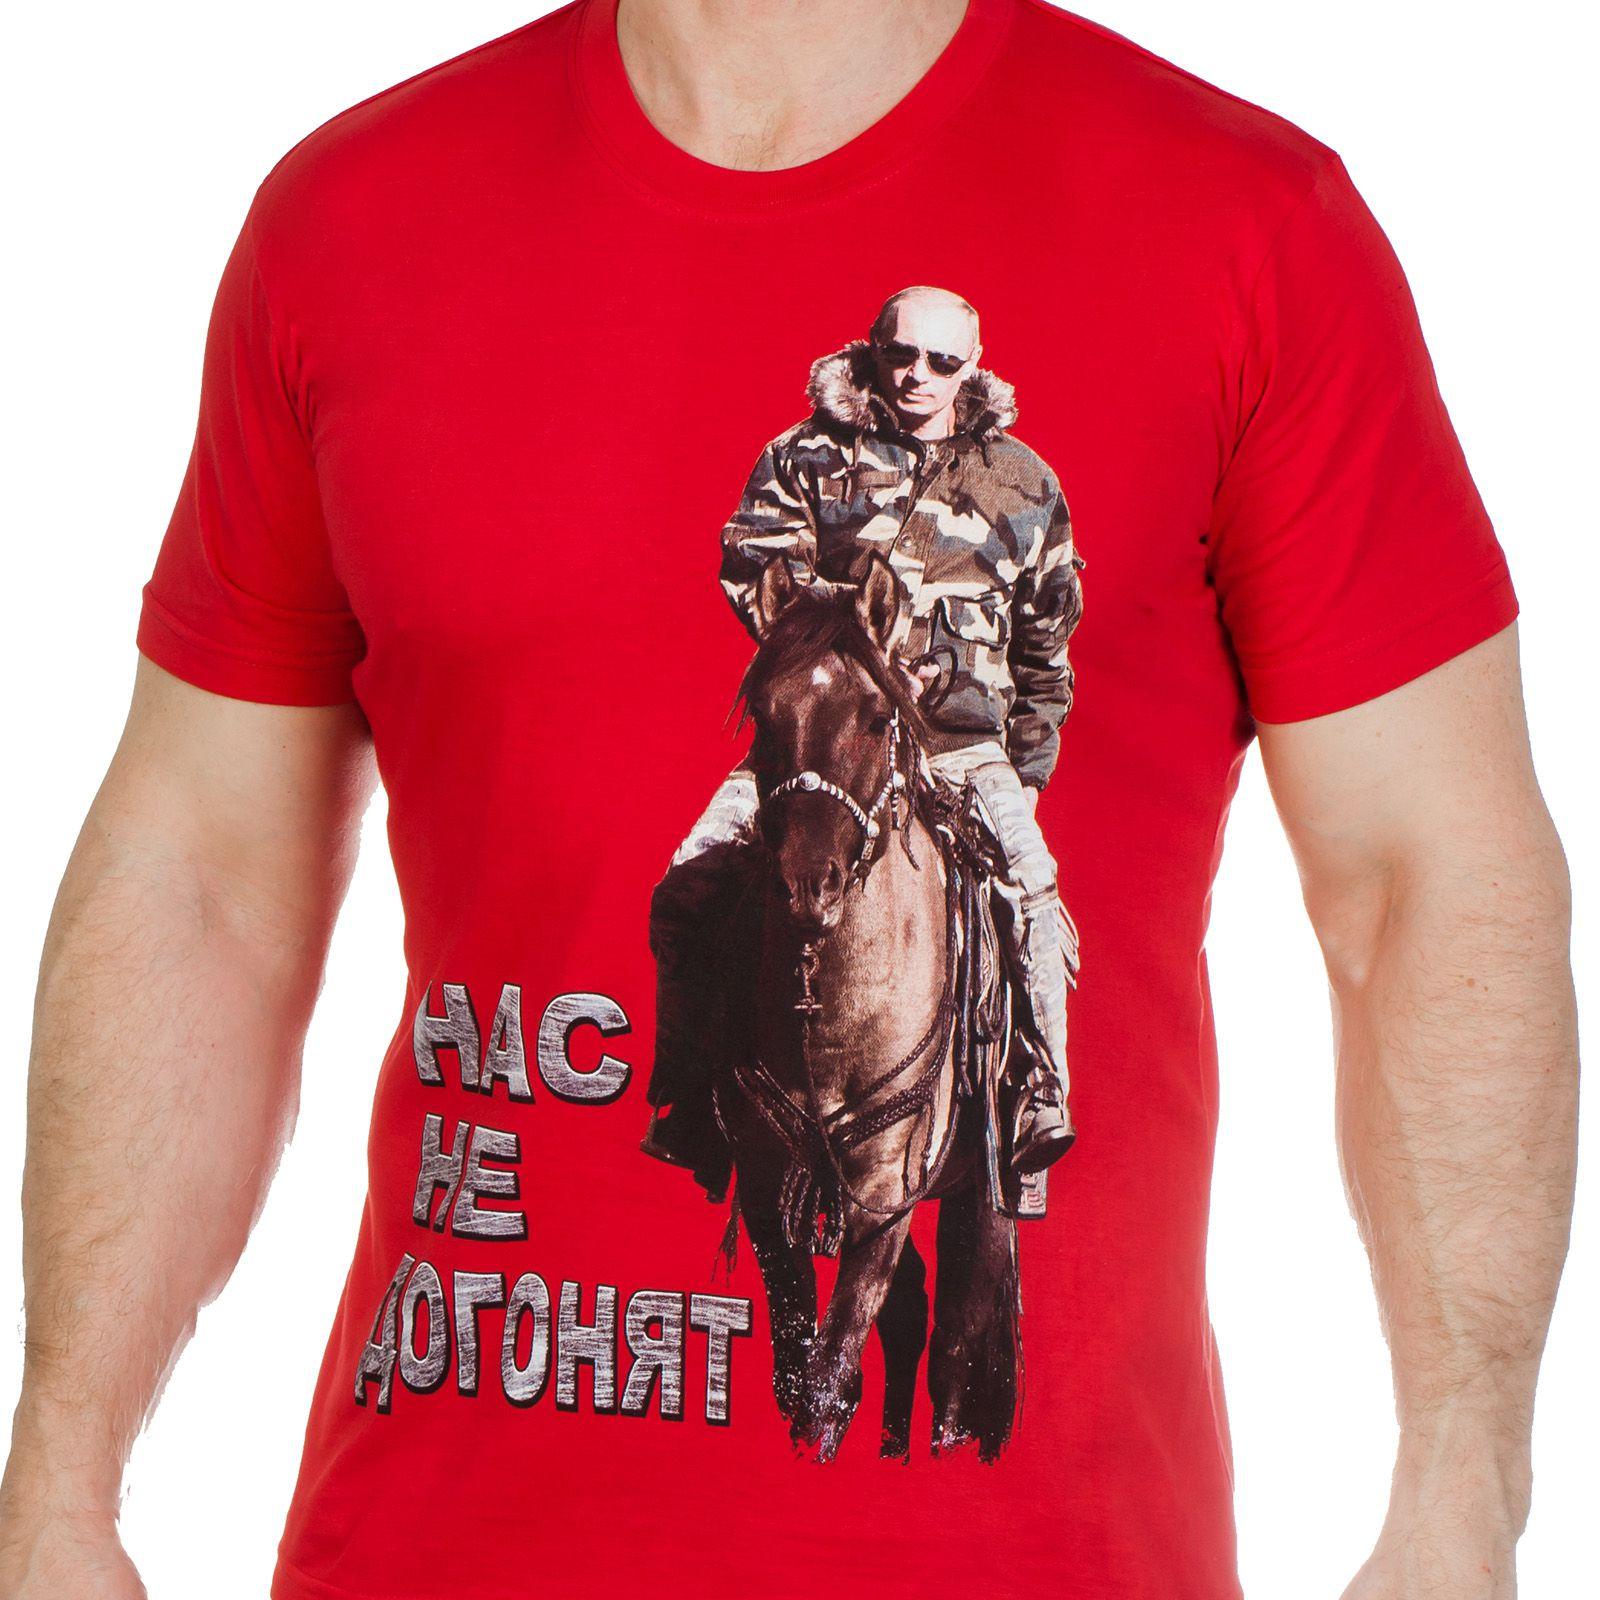 Патриотическая футболка с фотографией Путина